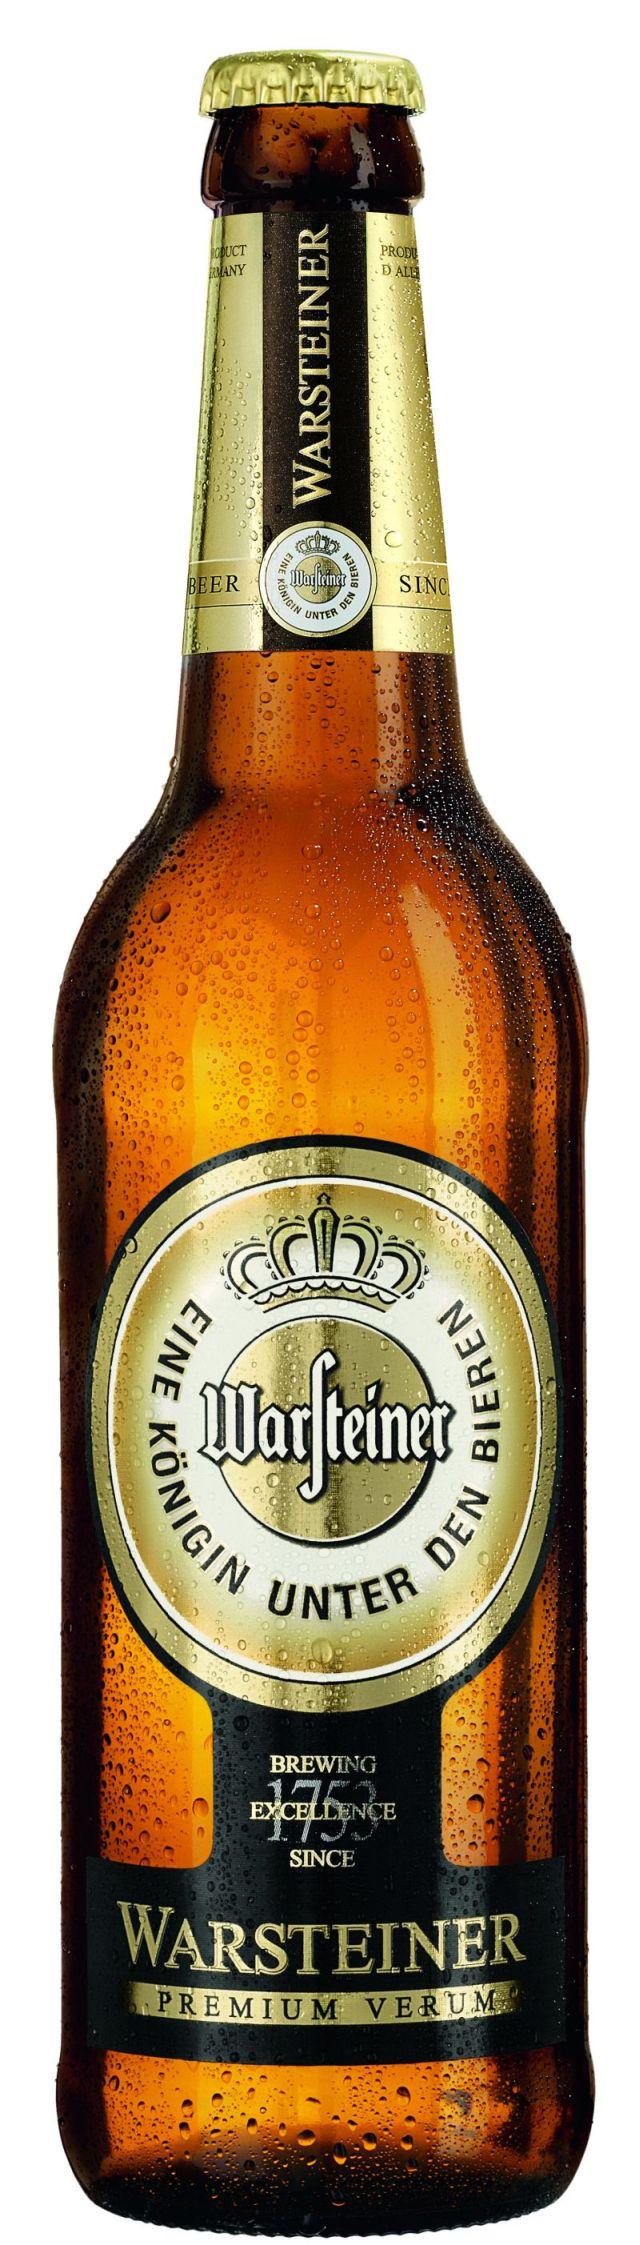 Фото: «Warsteiner Premium Verum» теперь и в стеклянной бутылке.